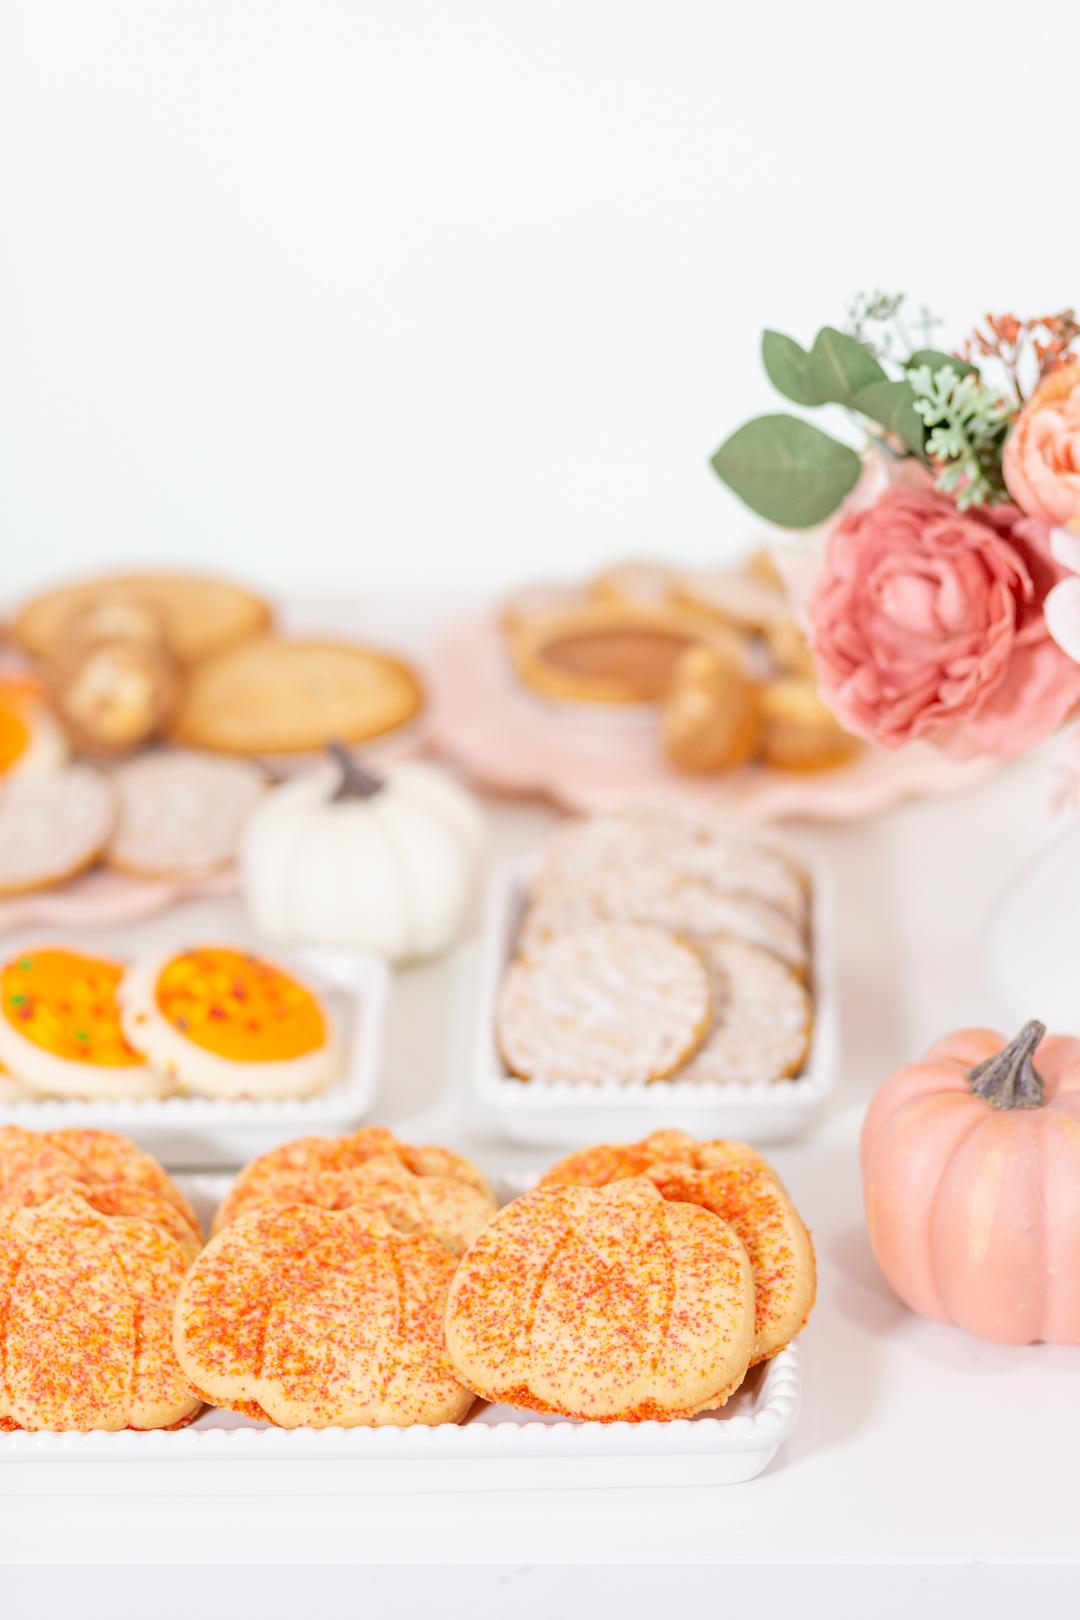 pumpkin-shaped cookies with orange sprinkles